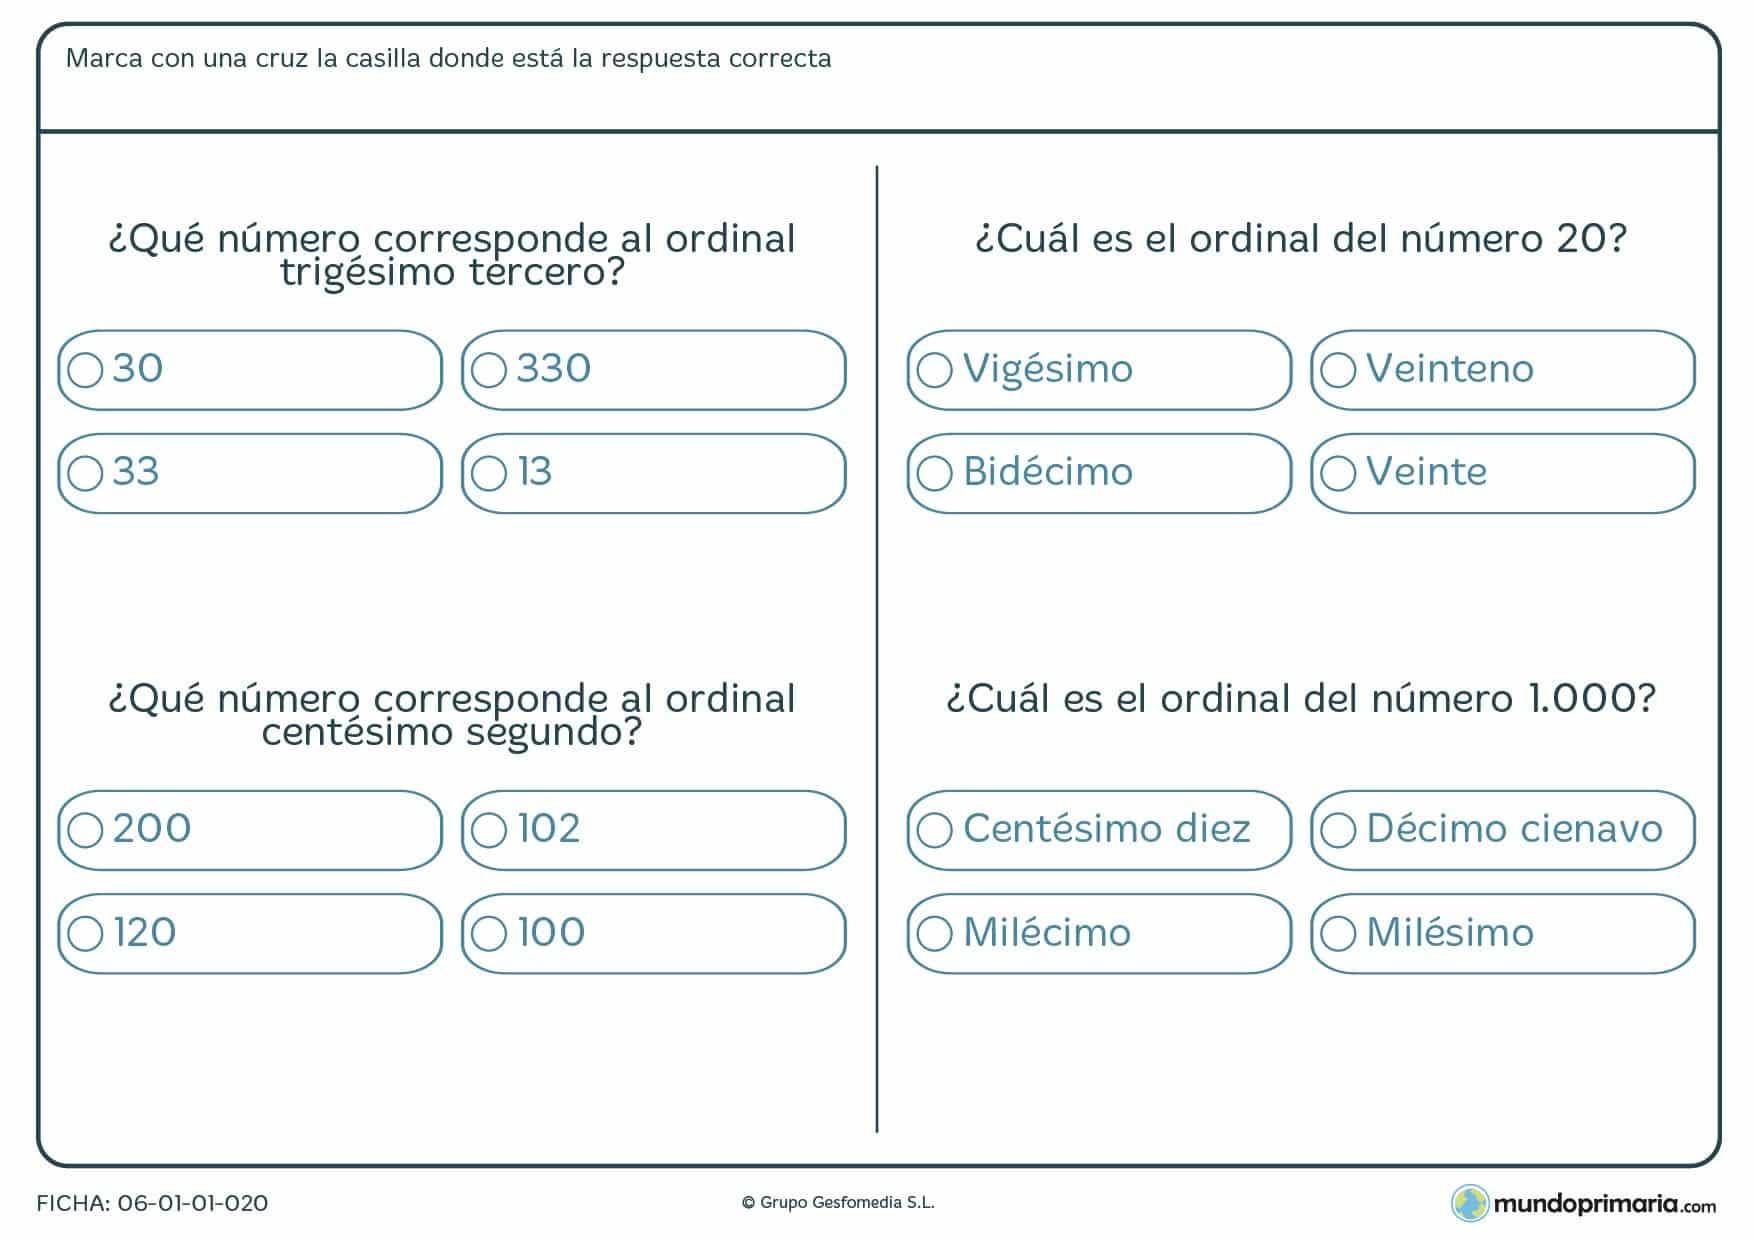 Ficha de qué número corresponde al ordinal